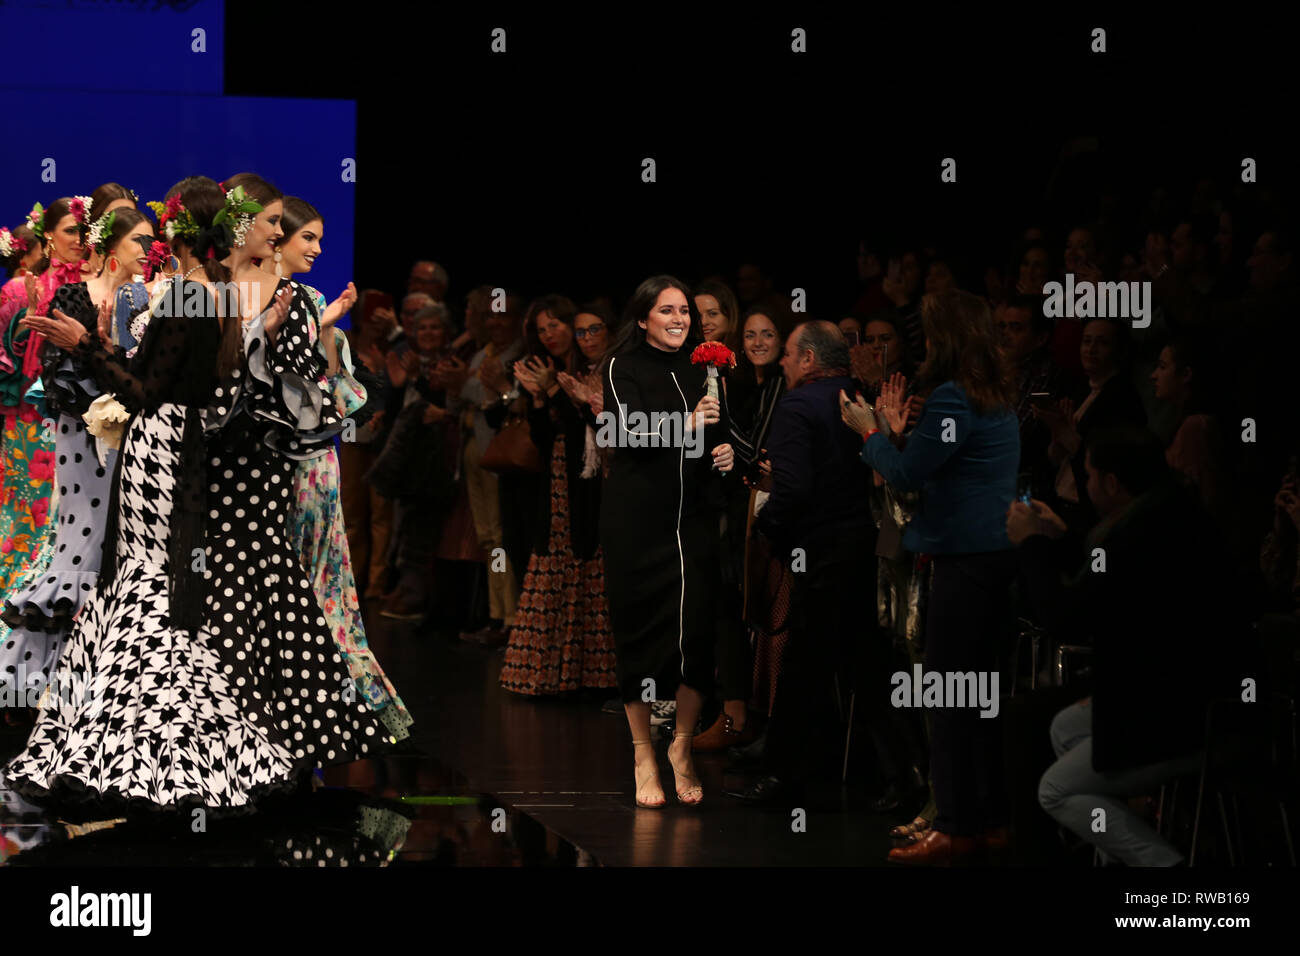 Yolanda Moda Flamenca y el diseñador de modelos en la pasarela Imagen De Stock